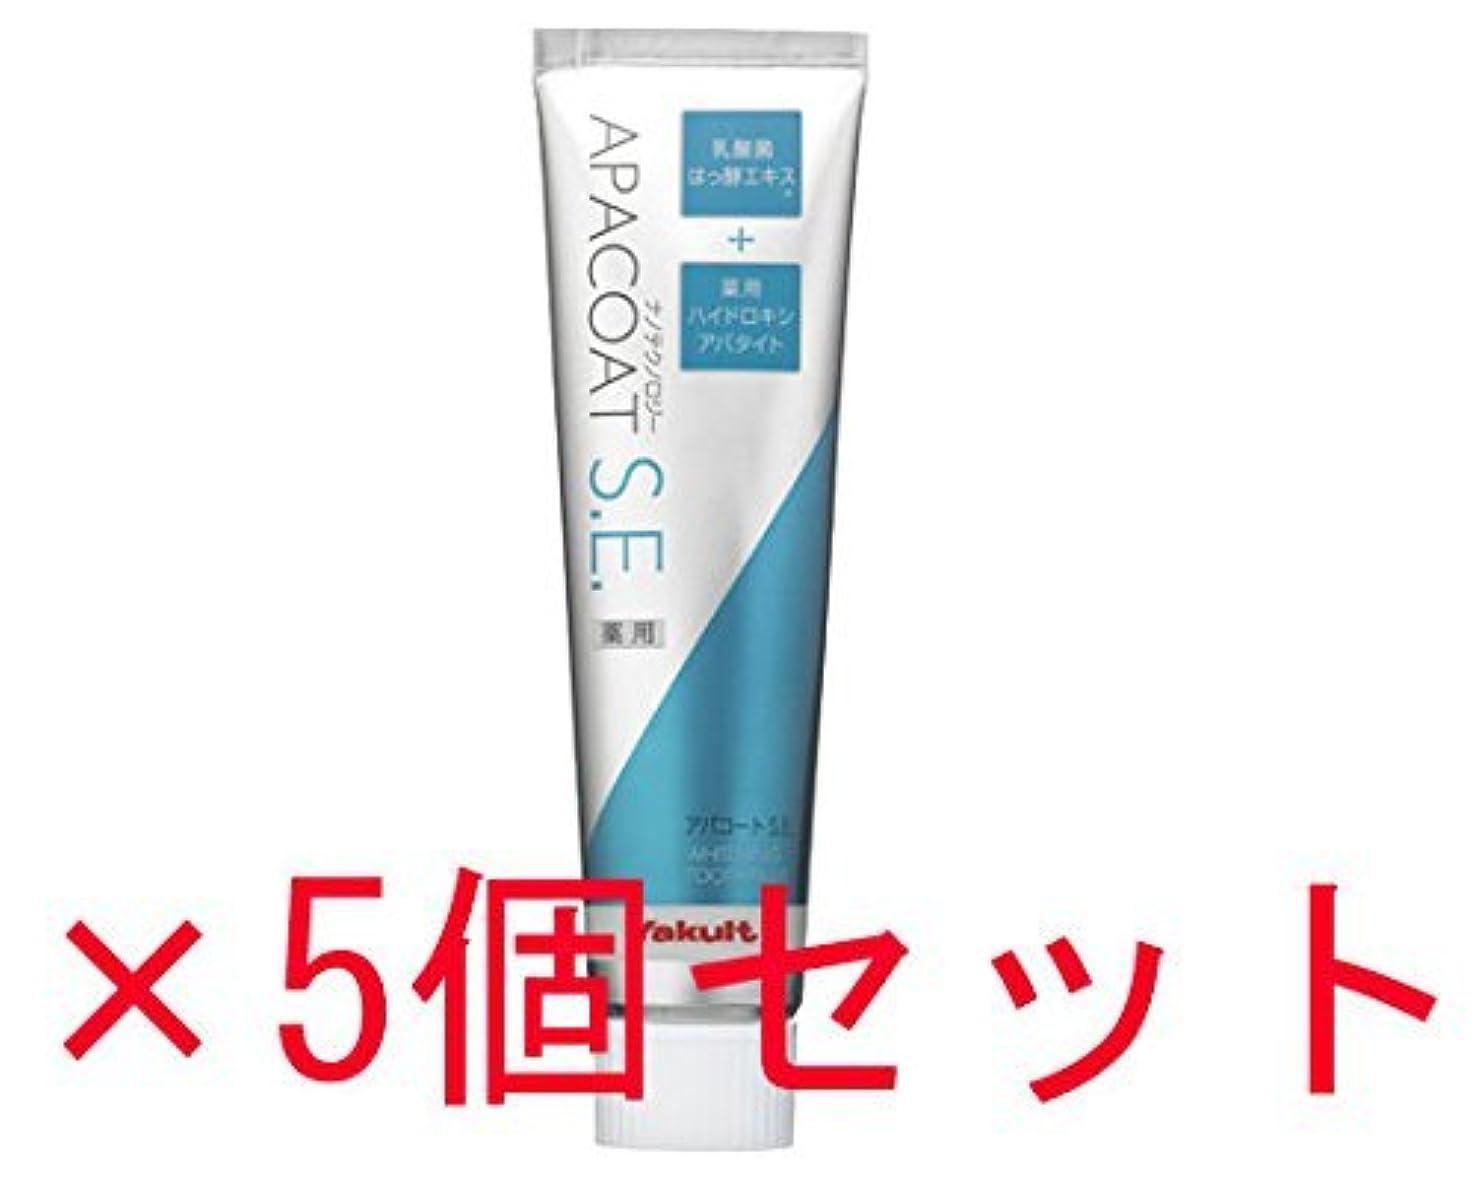 ファイターに同意する野望ヤクルト化粧品 薬用 アパコートS.E. (ナノテクノロジー) 120g 5個セット